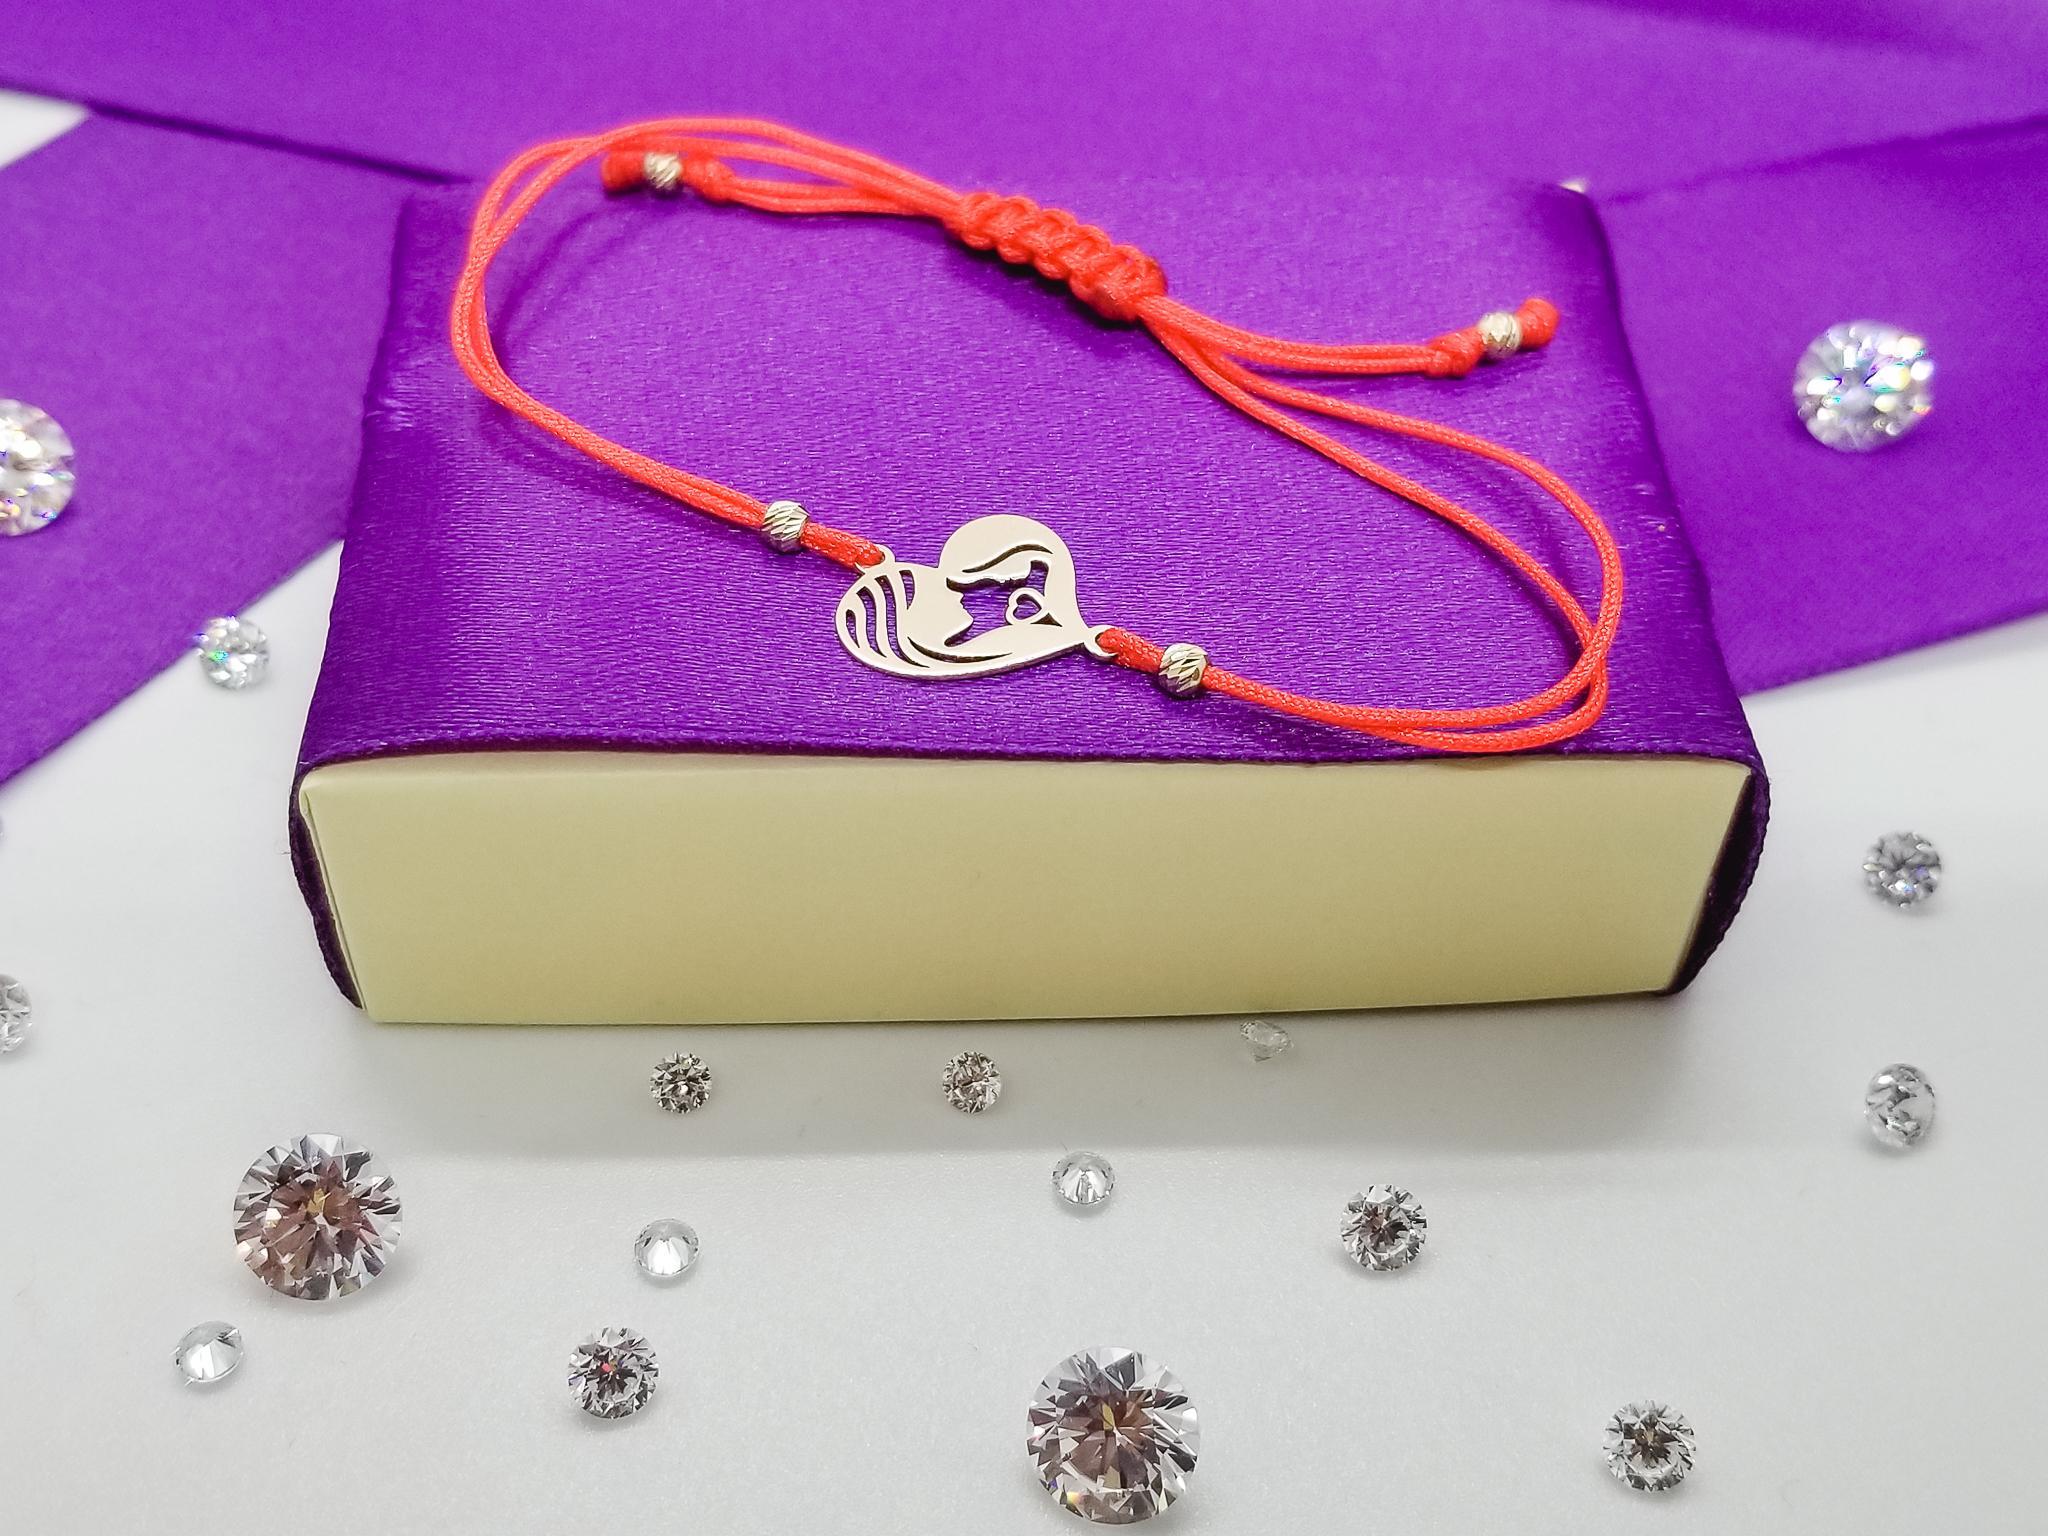 Bratara FATI 207 Mama si Fetita din aur galben de 14K cu snur rosu.